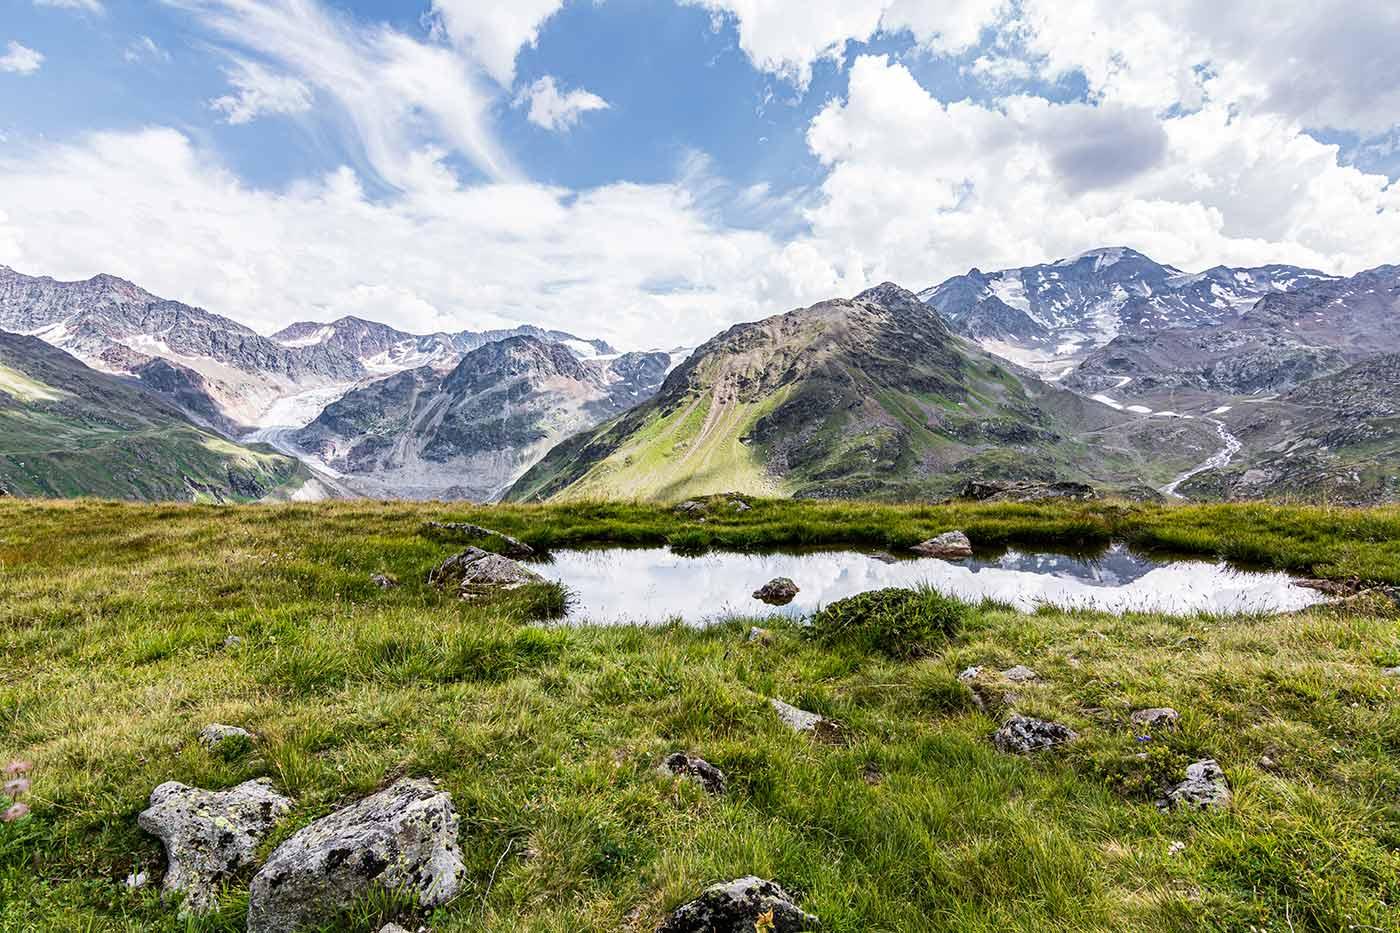 Berge im Bundesland Tirol von Österreich